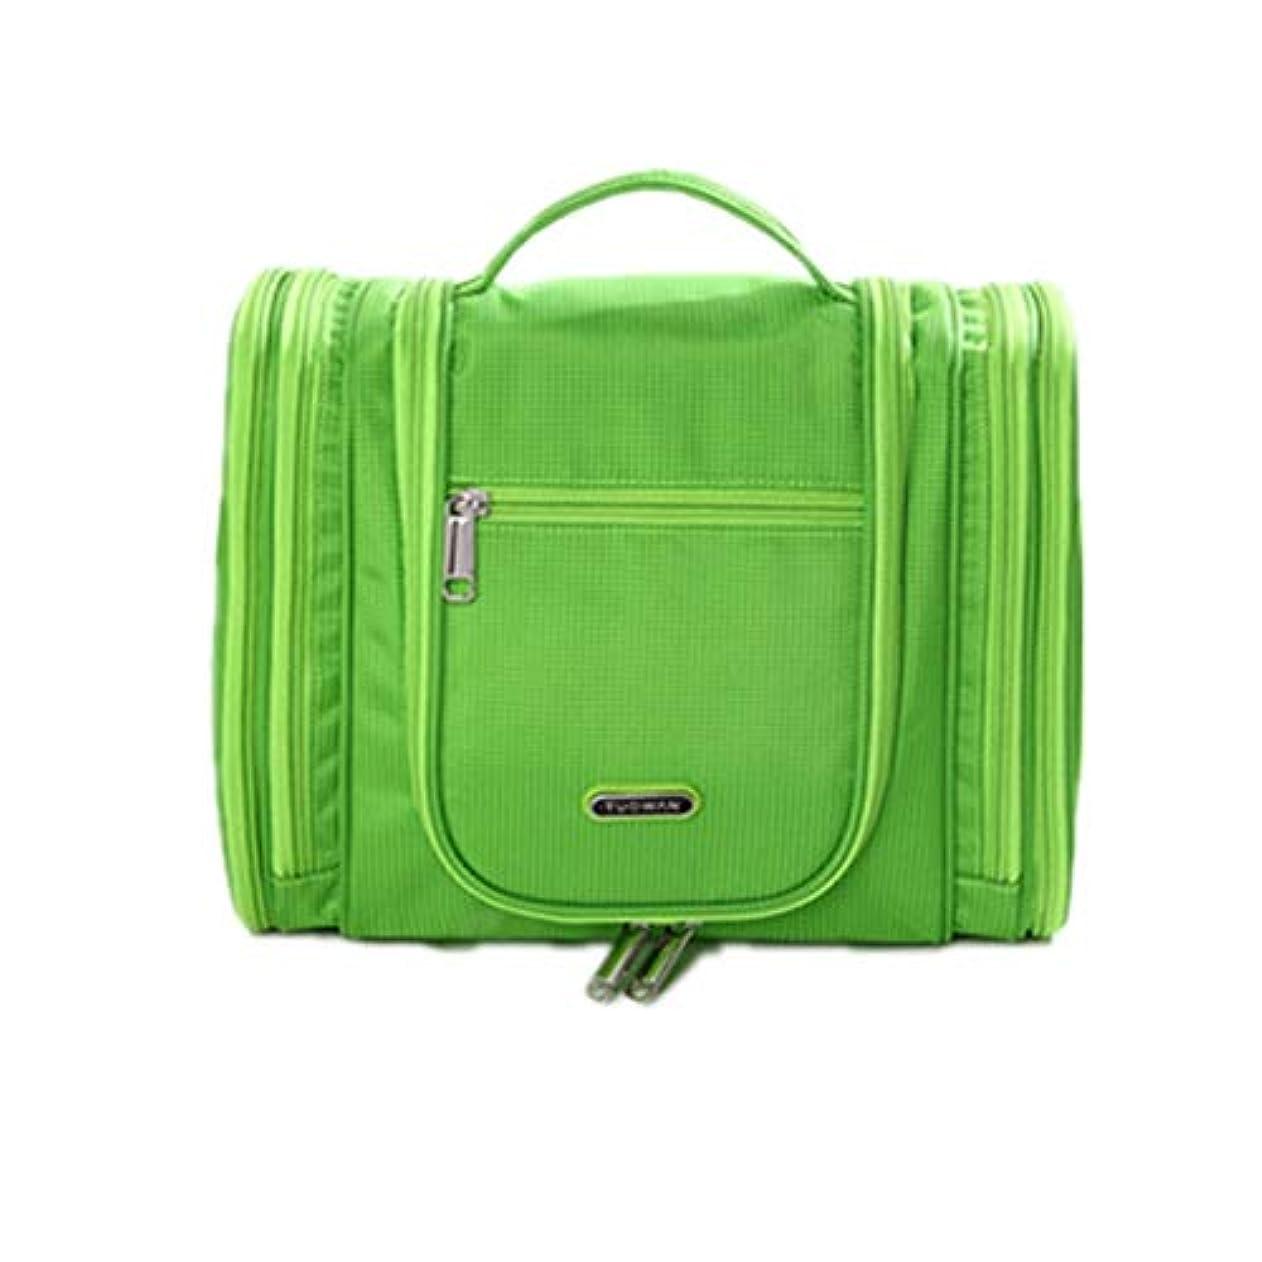 リングバック過言イタリアの化粧オーガナイザーバッグ グリーンカジュアル旅行用アクセサリーのためのポータブル化粧品バッグシャンプーボディウォッシュパーソナルアイテム吊りフックとジッパーでのストレージ 化粧品ケース